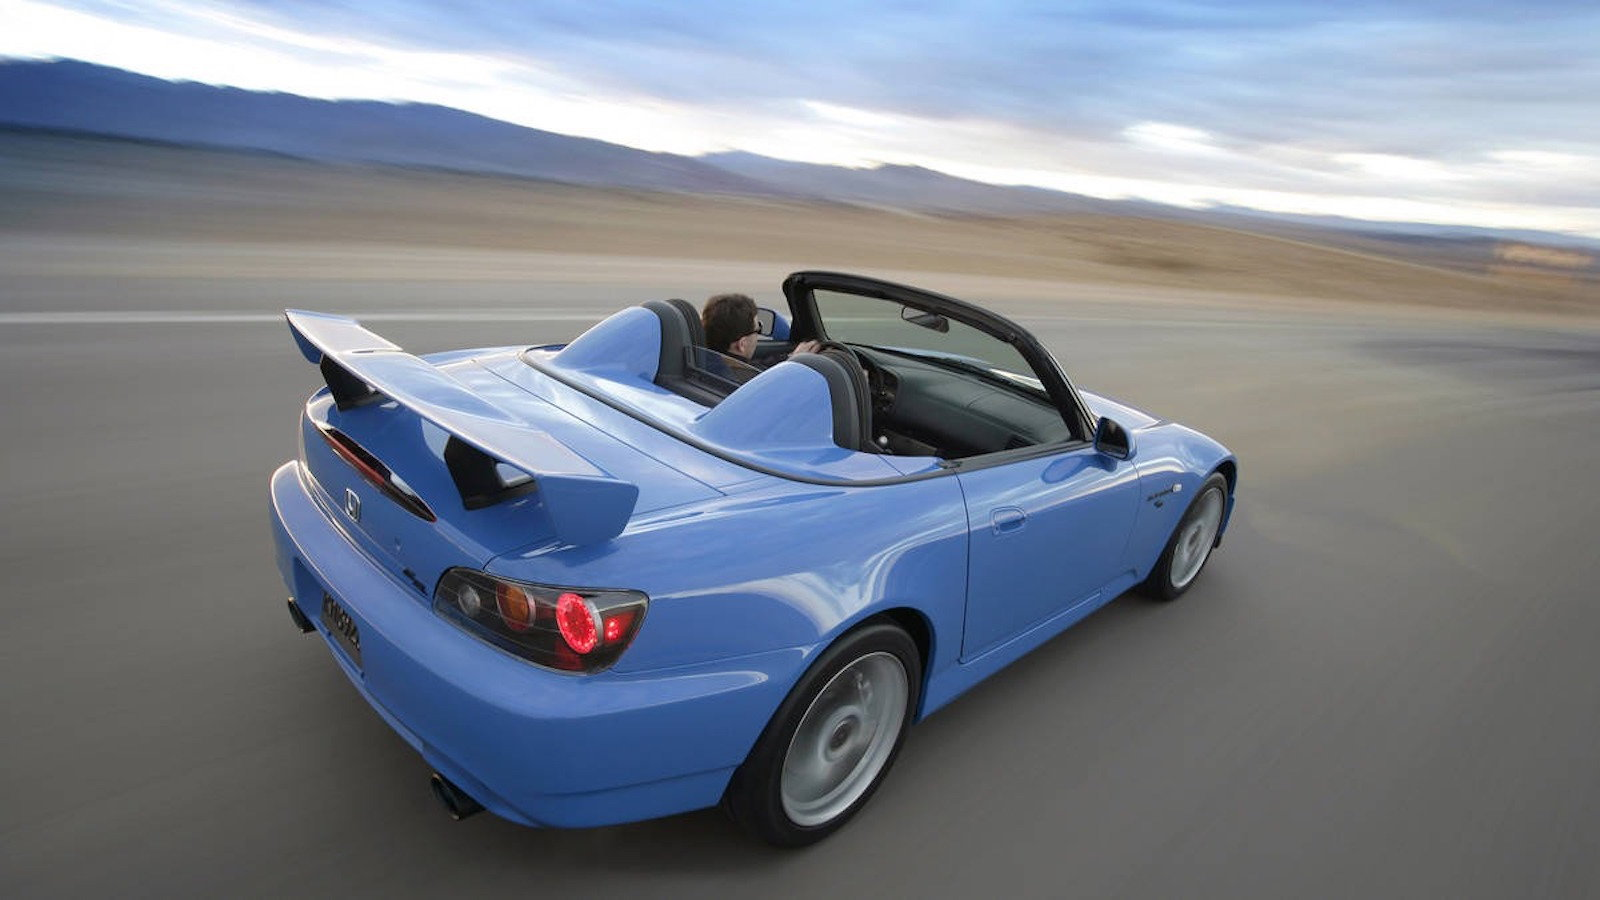 5 Reasons the S2000 Will Appreciate into a Classic